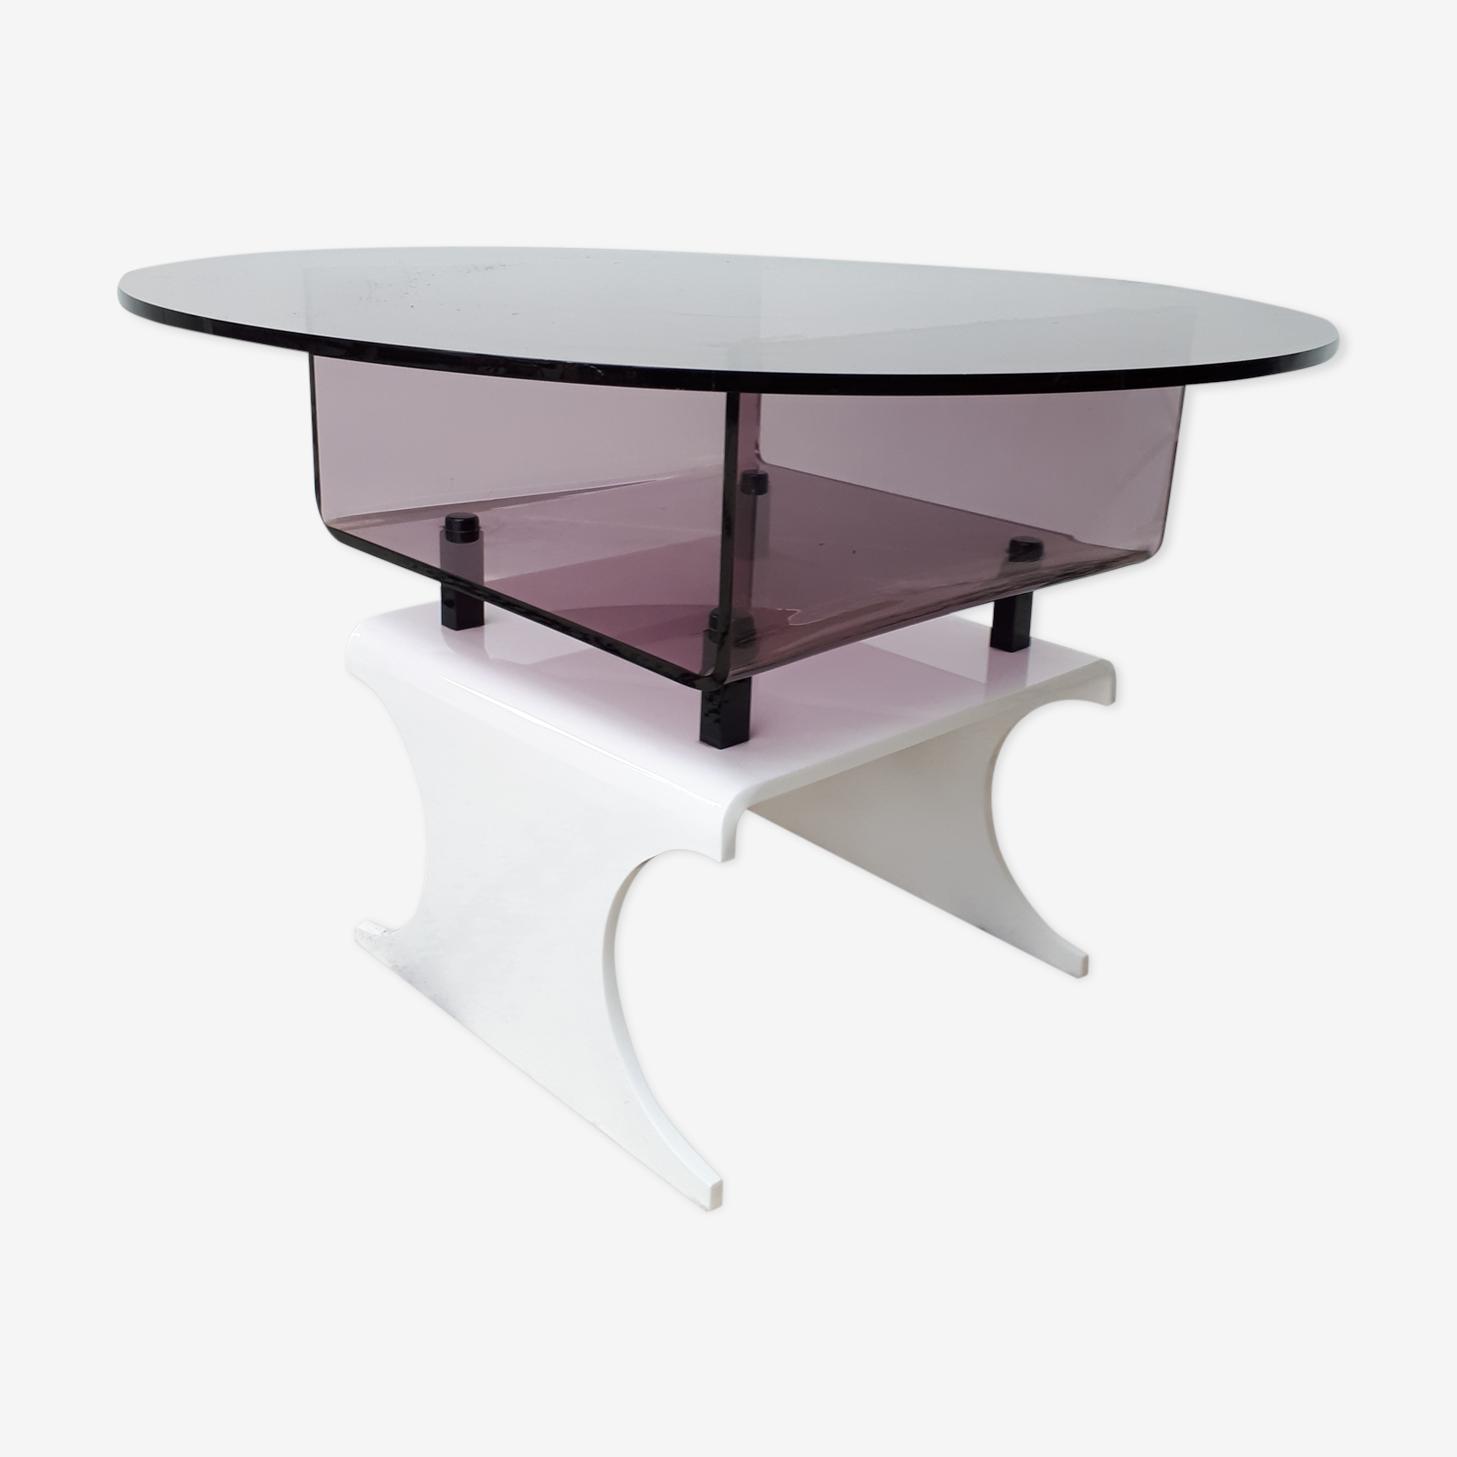 Table basse en altugas design années 70